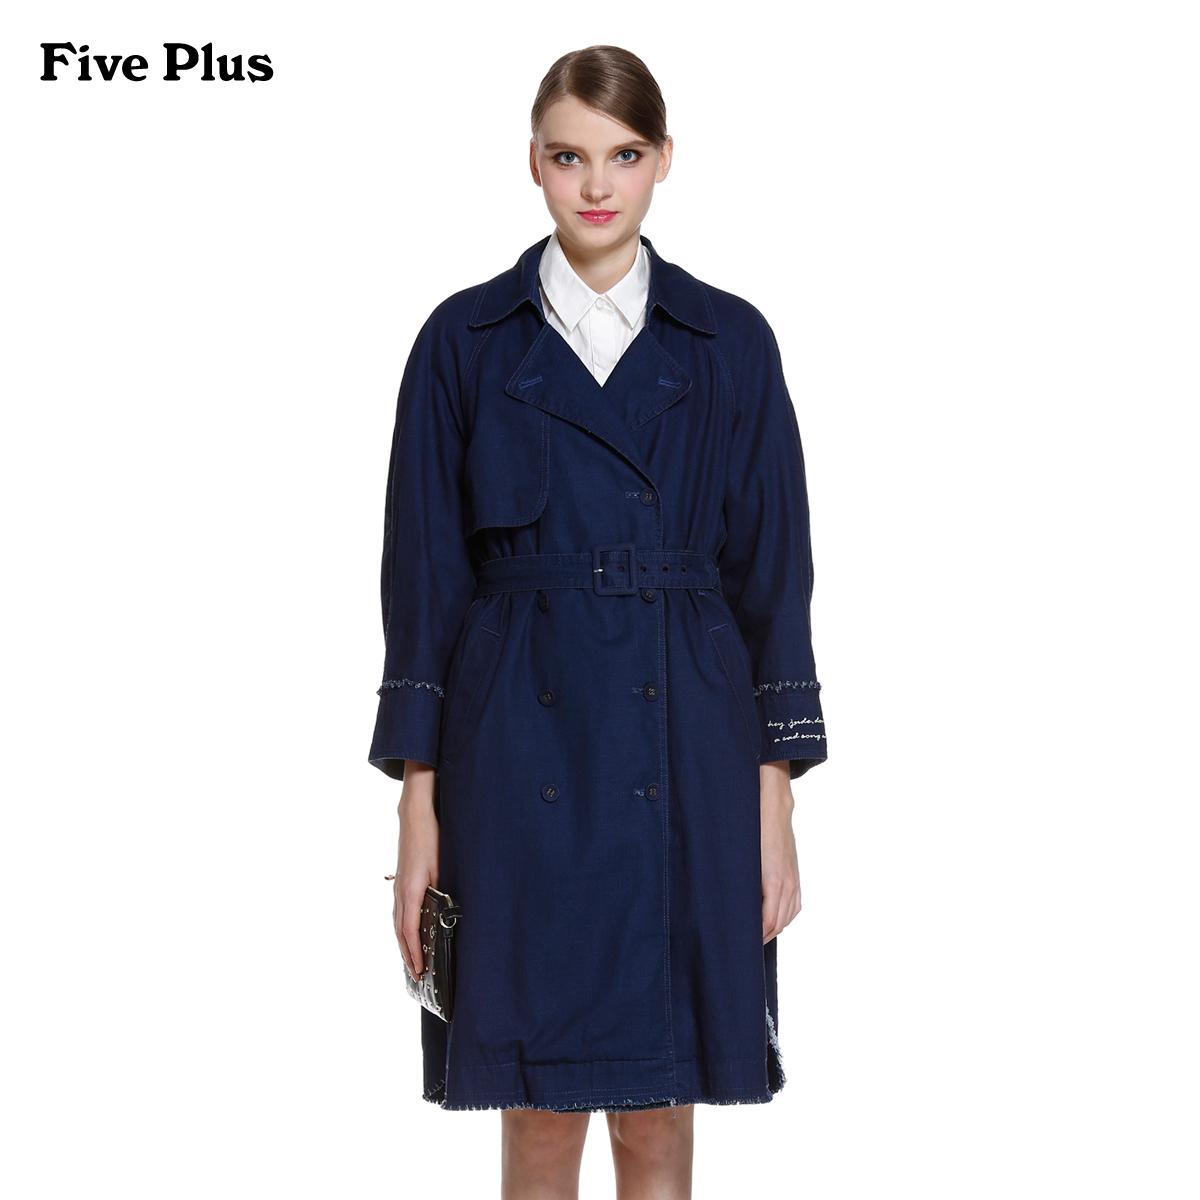 牛仔风衣 Five Plus新女春装纯棉字母印花宽松风衣款牛仔外套2HM1304640_推荐淘宝好看的女牛仔风衣